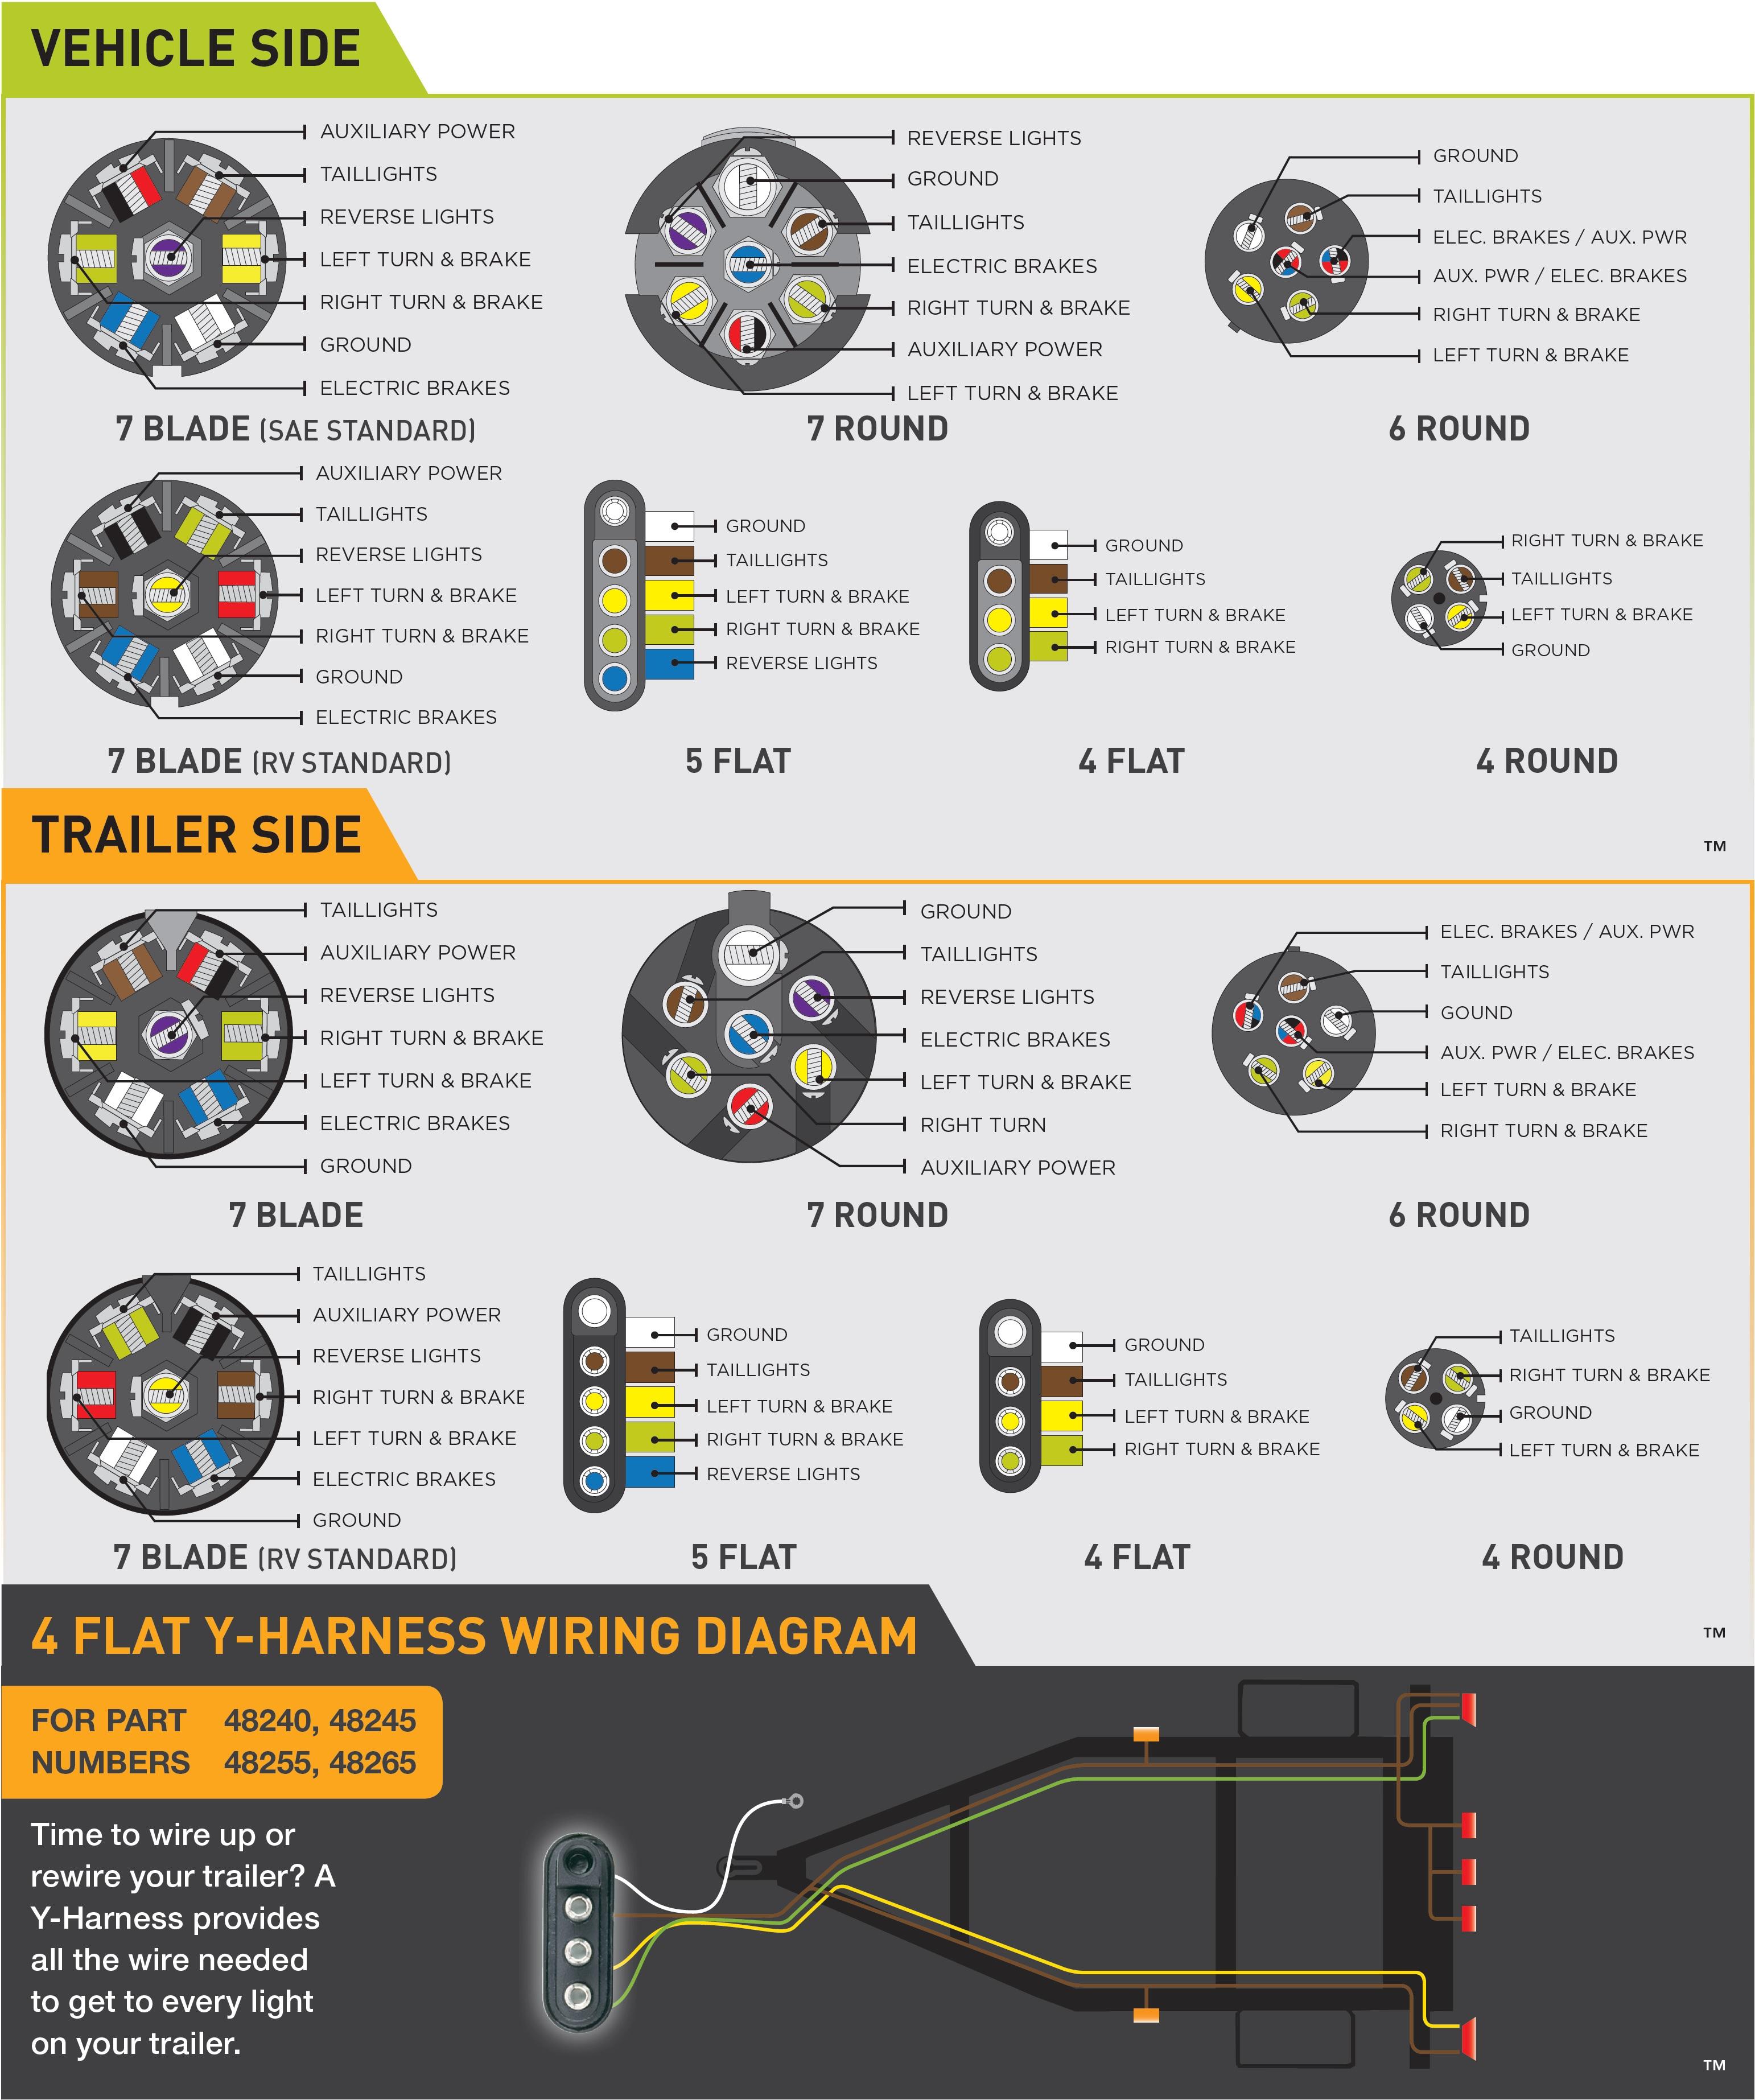 Wiring Guides - 7 Blade Wiring Diagram